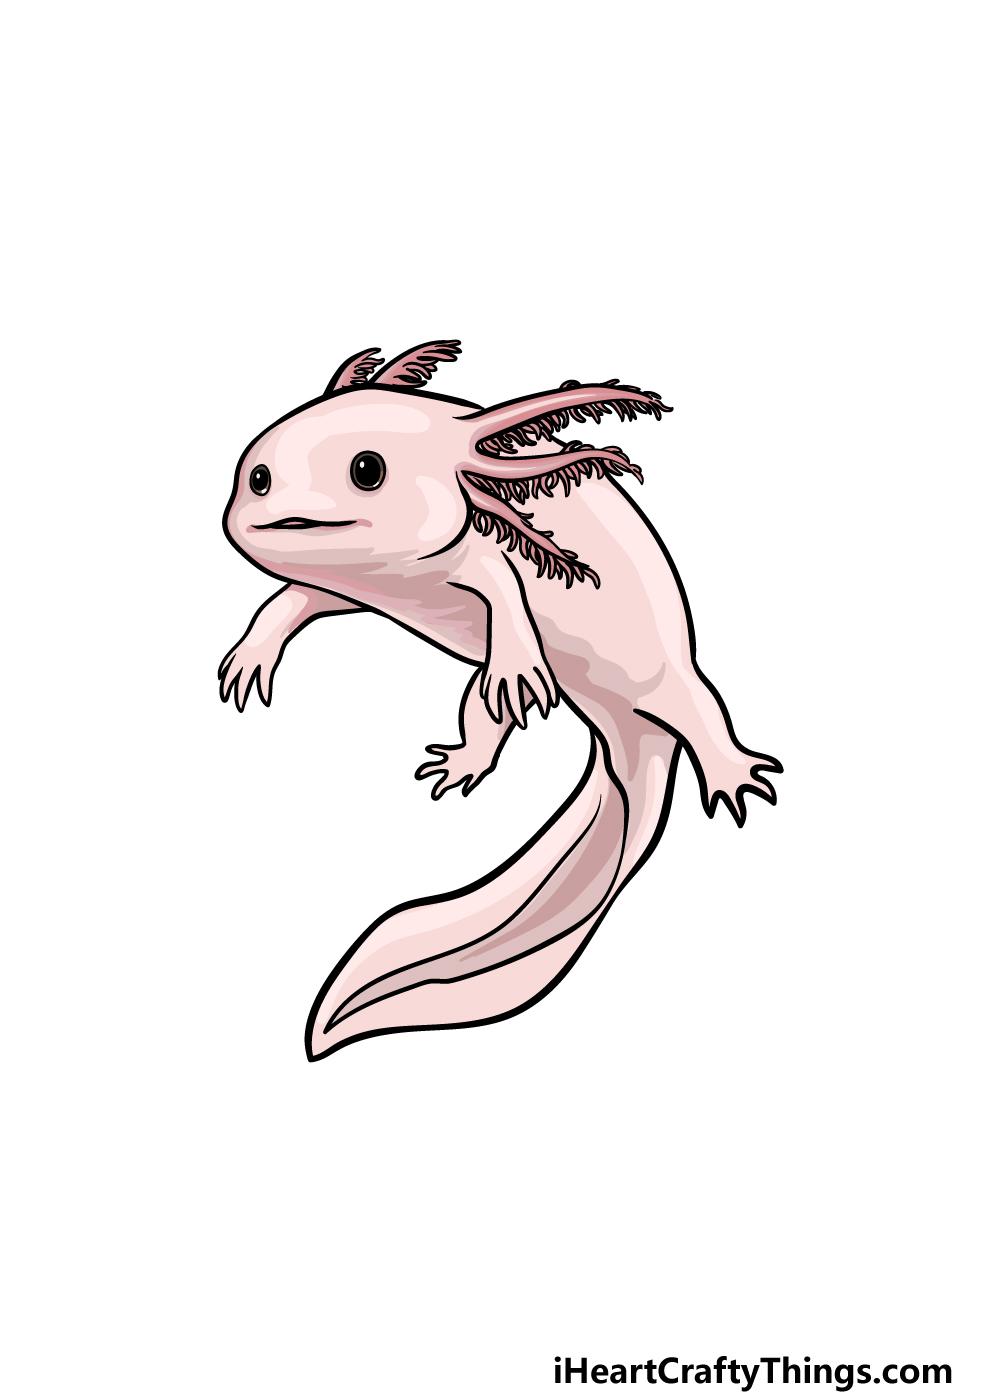 Drawing An Axolotl step 6